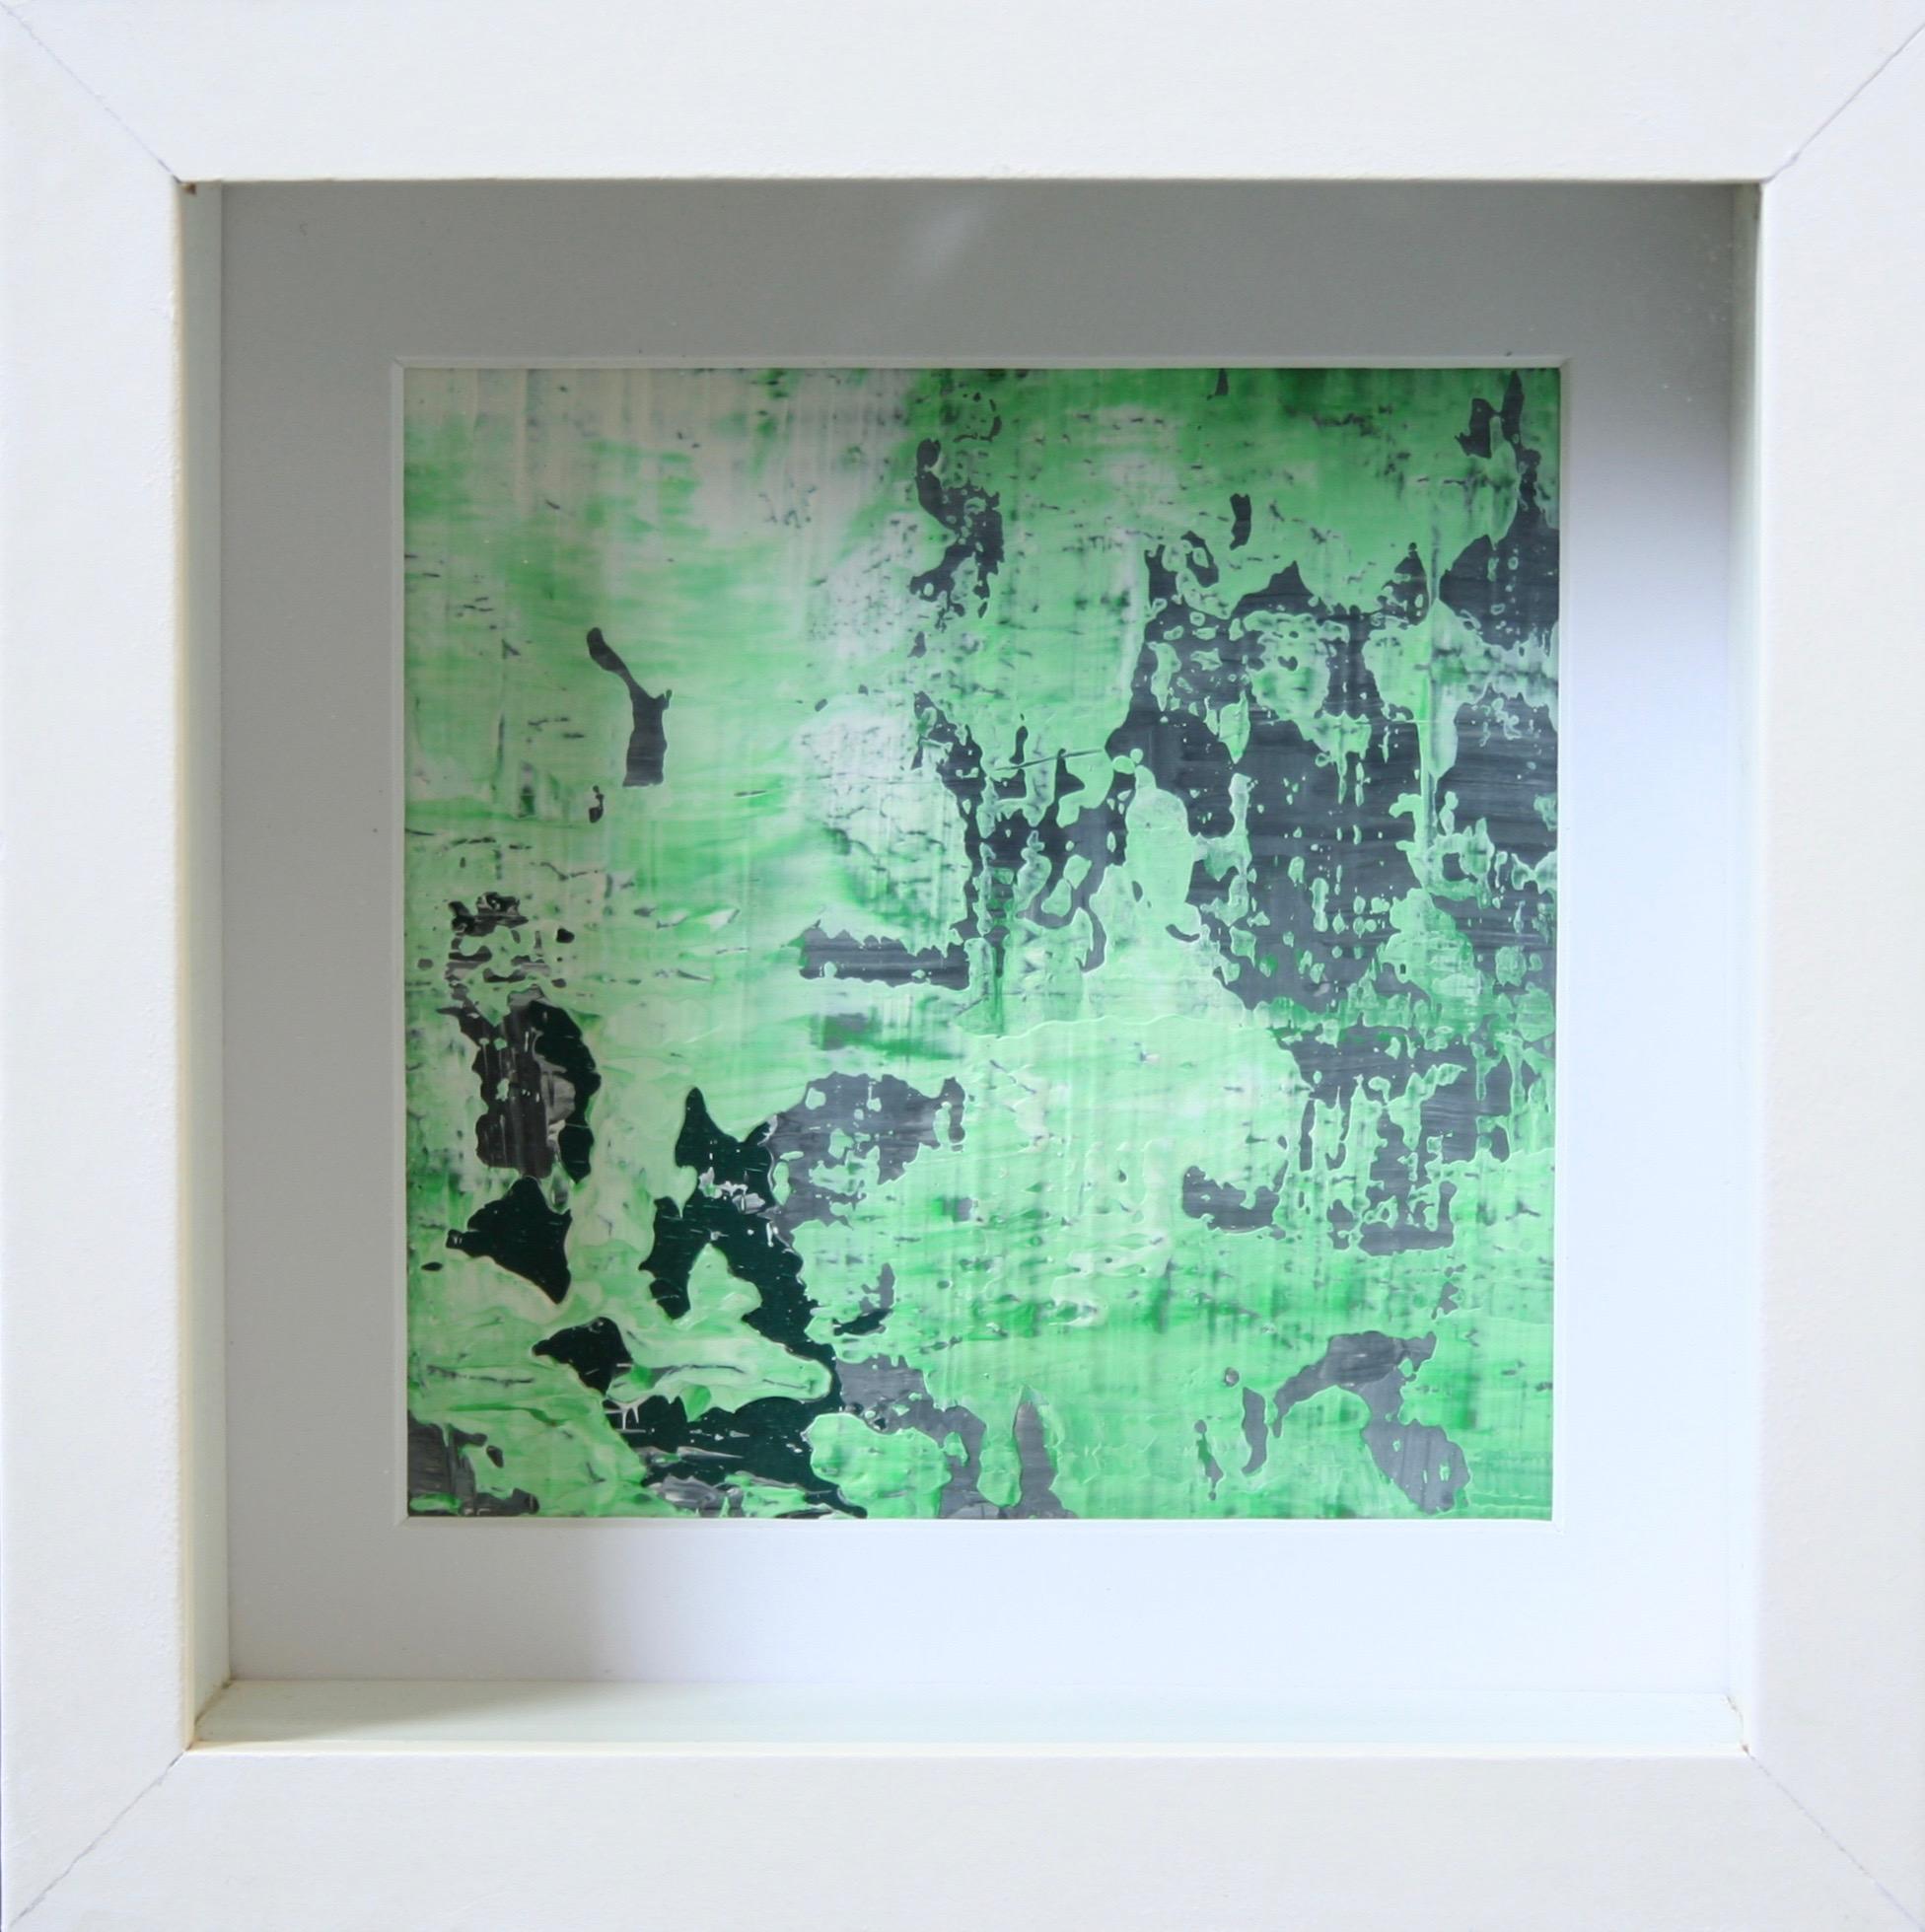 Collage-52 16x16cm